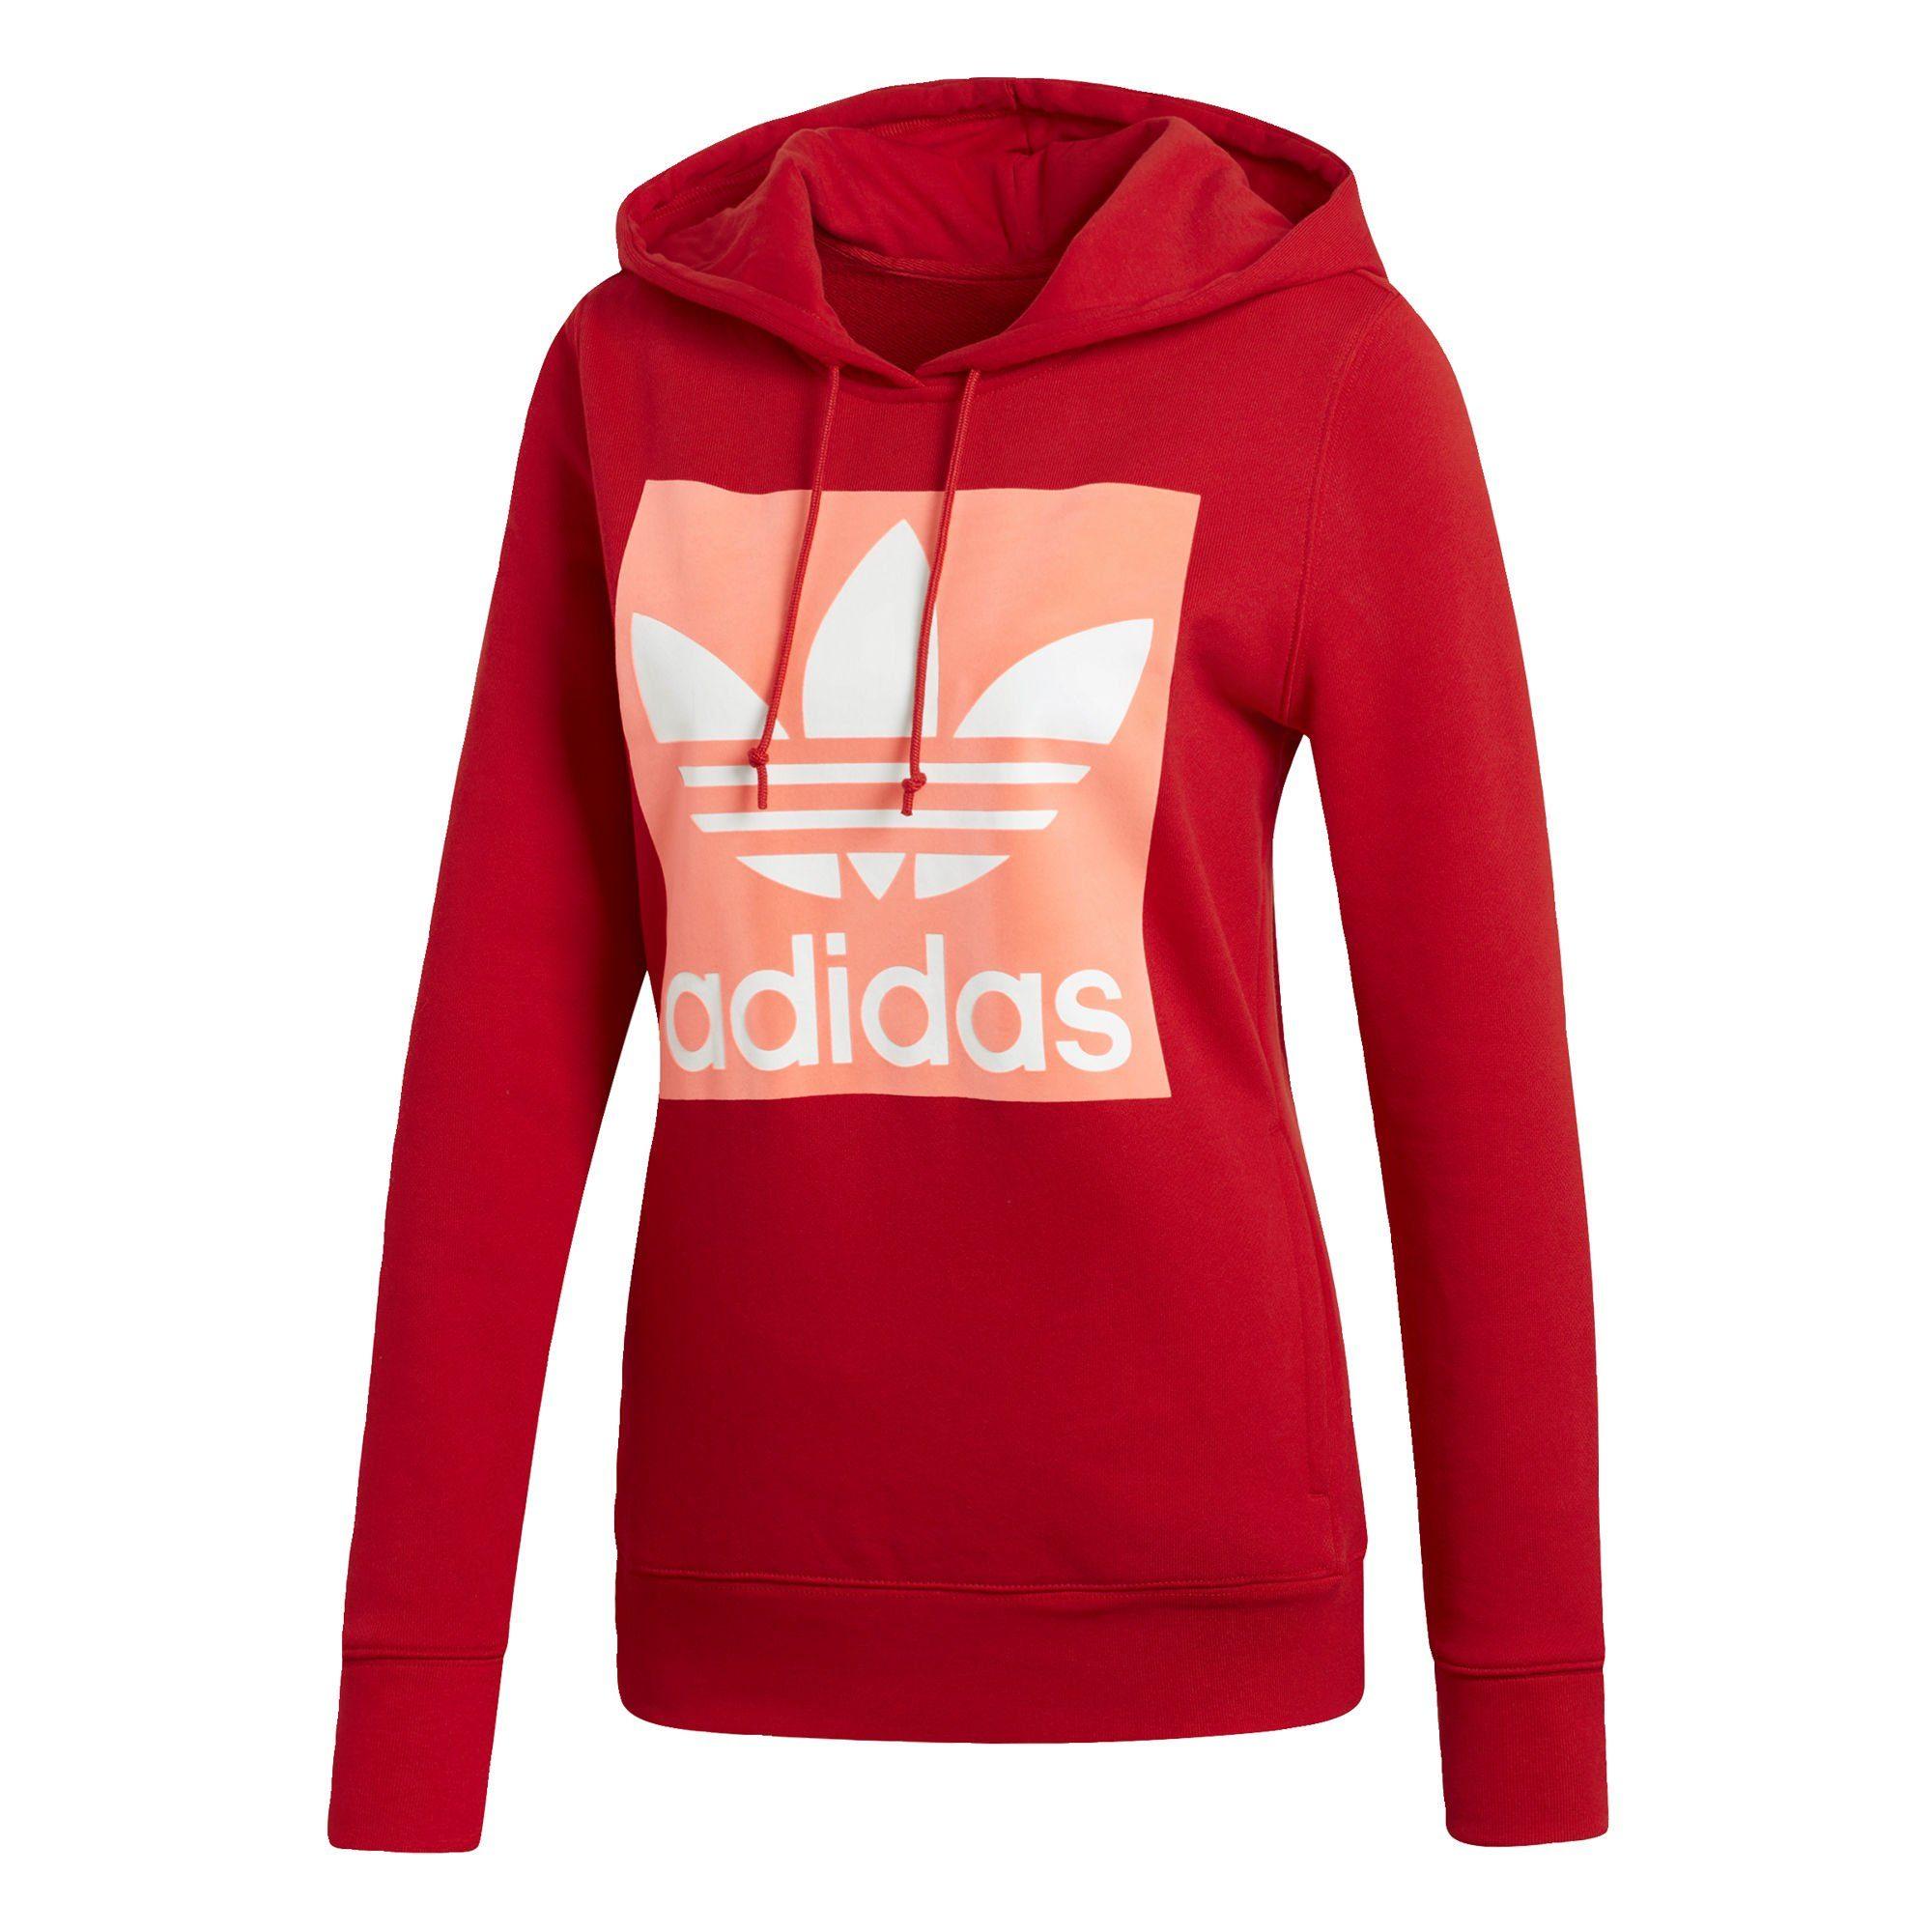 adidas Originals Trainingspullover »Trefoil Hoodie« adicolor online kaufen | OTTO